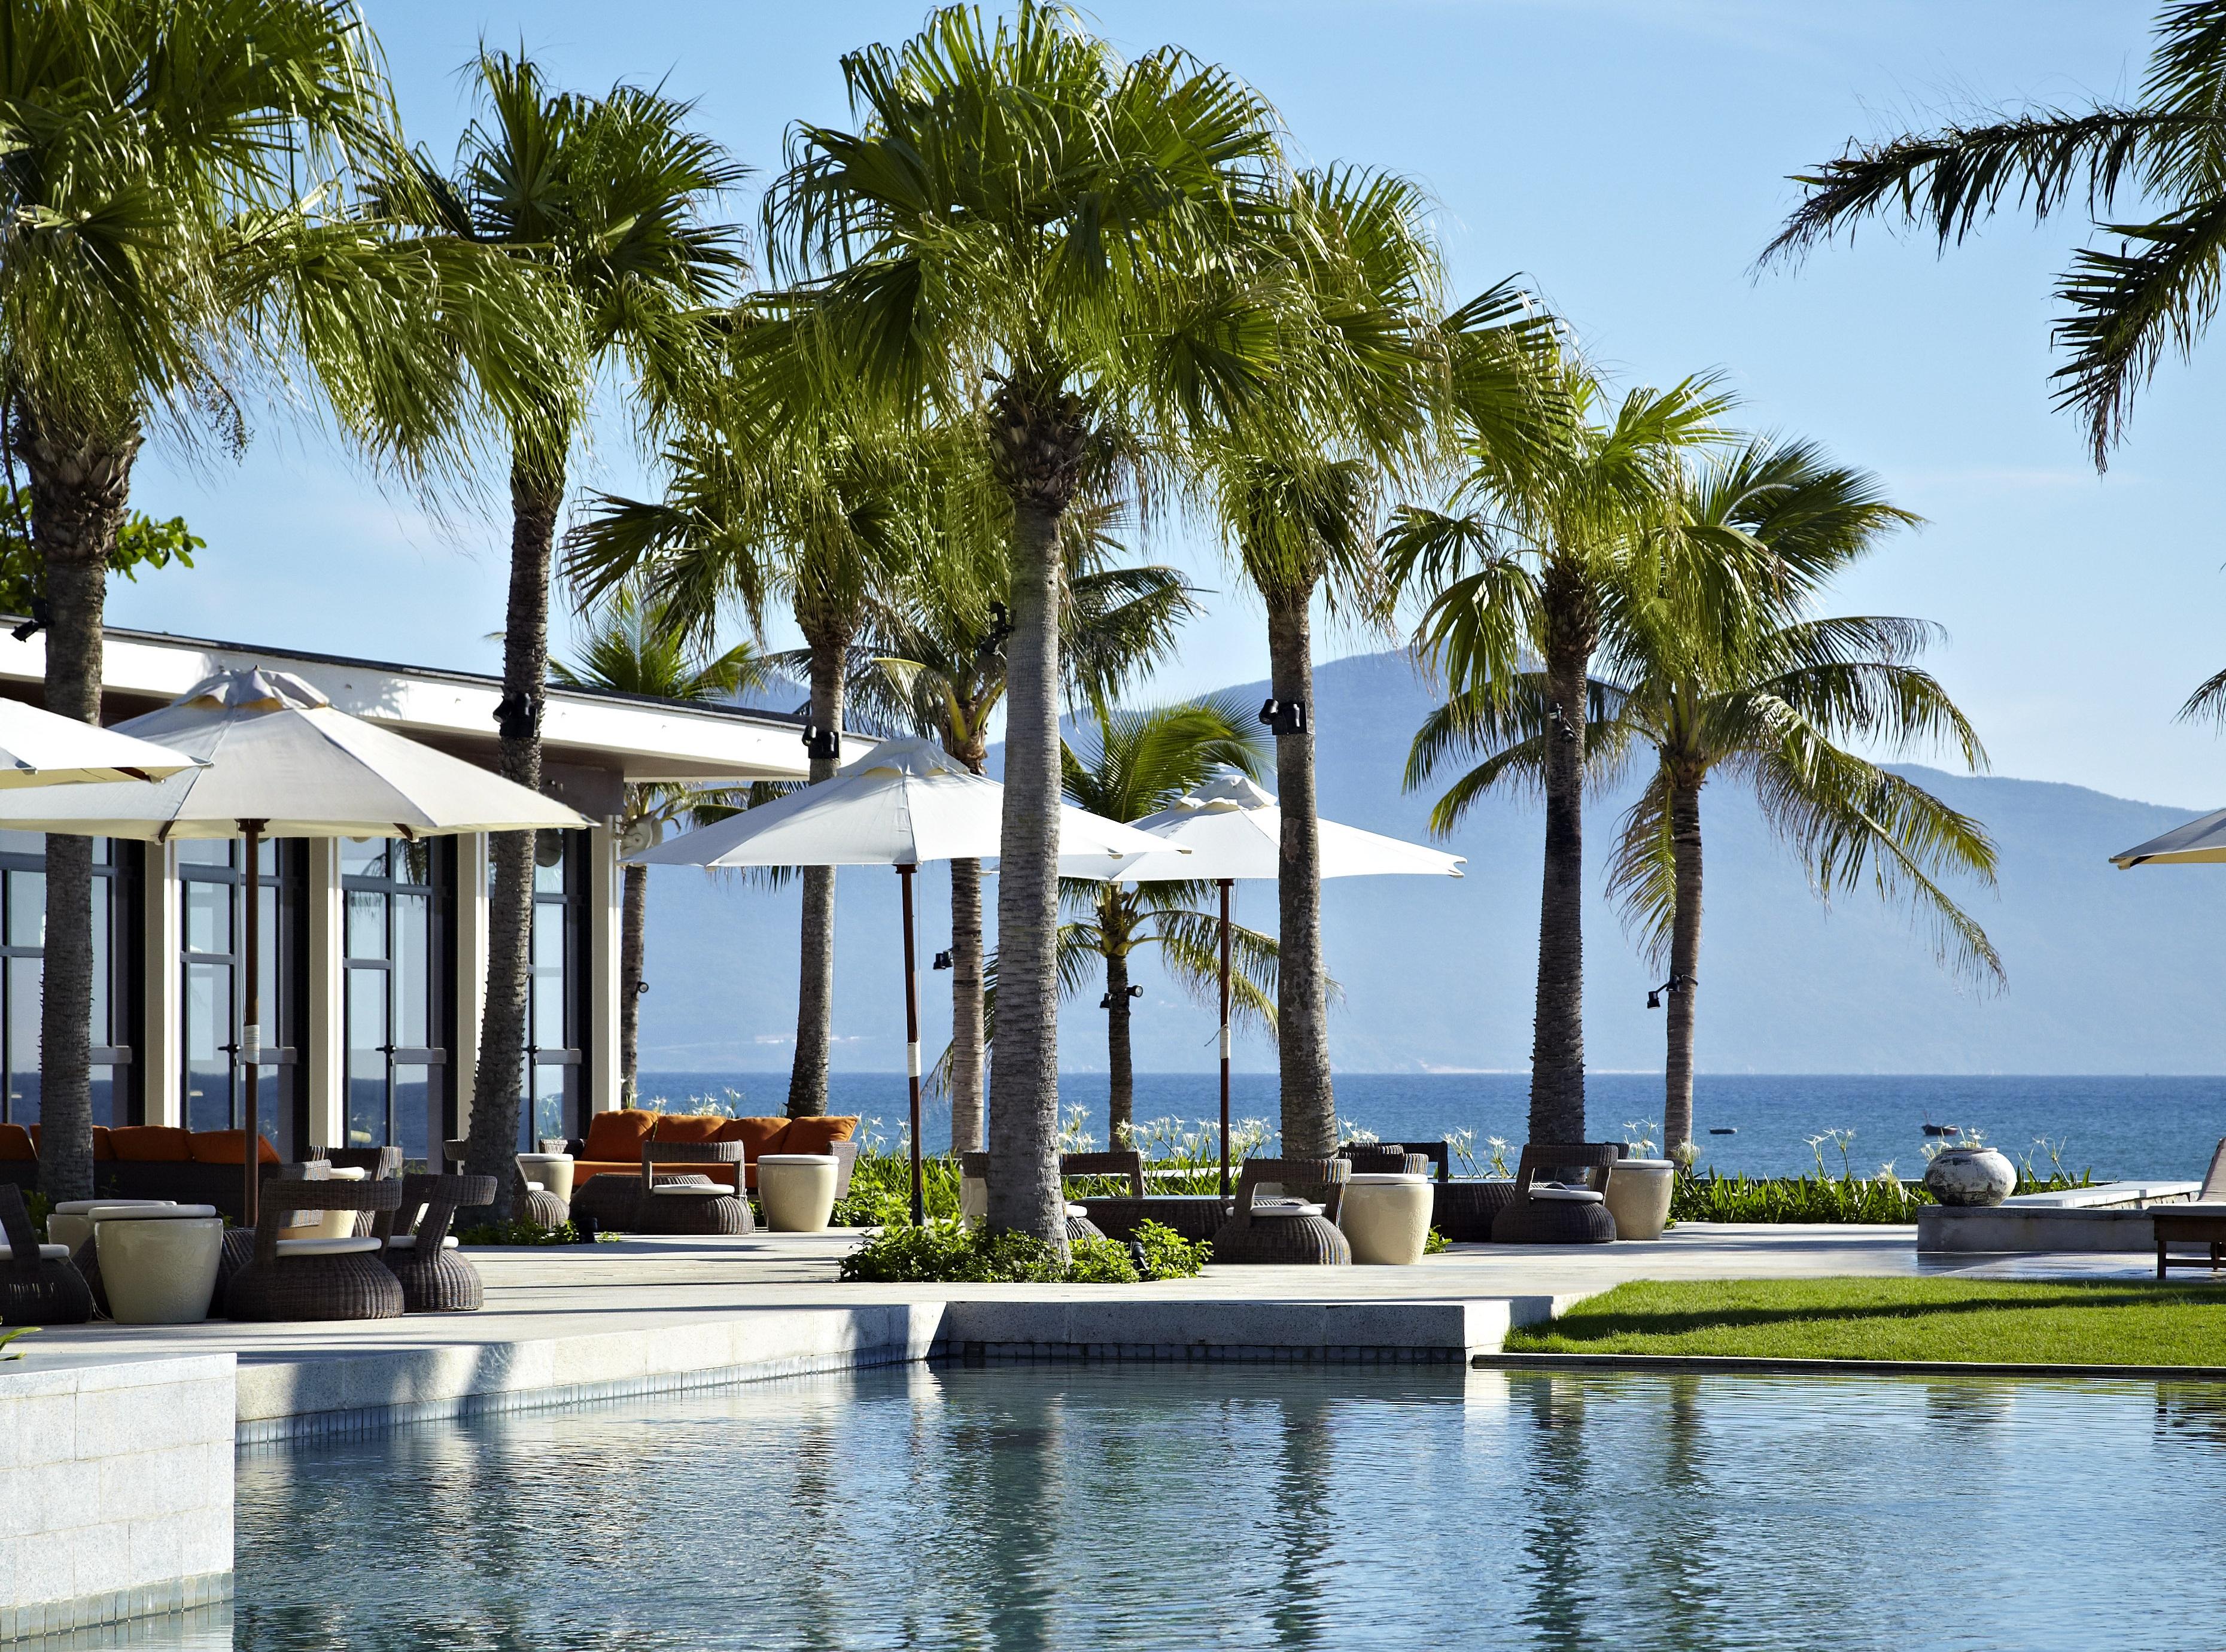 Khuyến mại nghỉ dưỡng xa xỉ ở Đà Nẵng